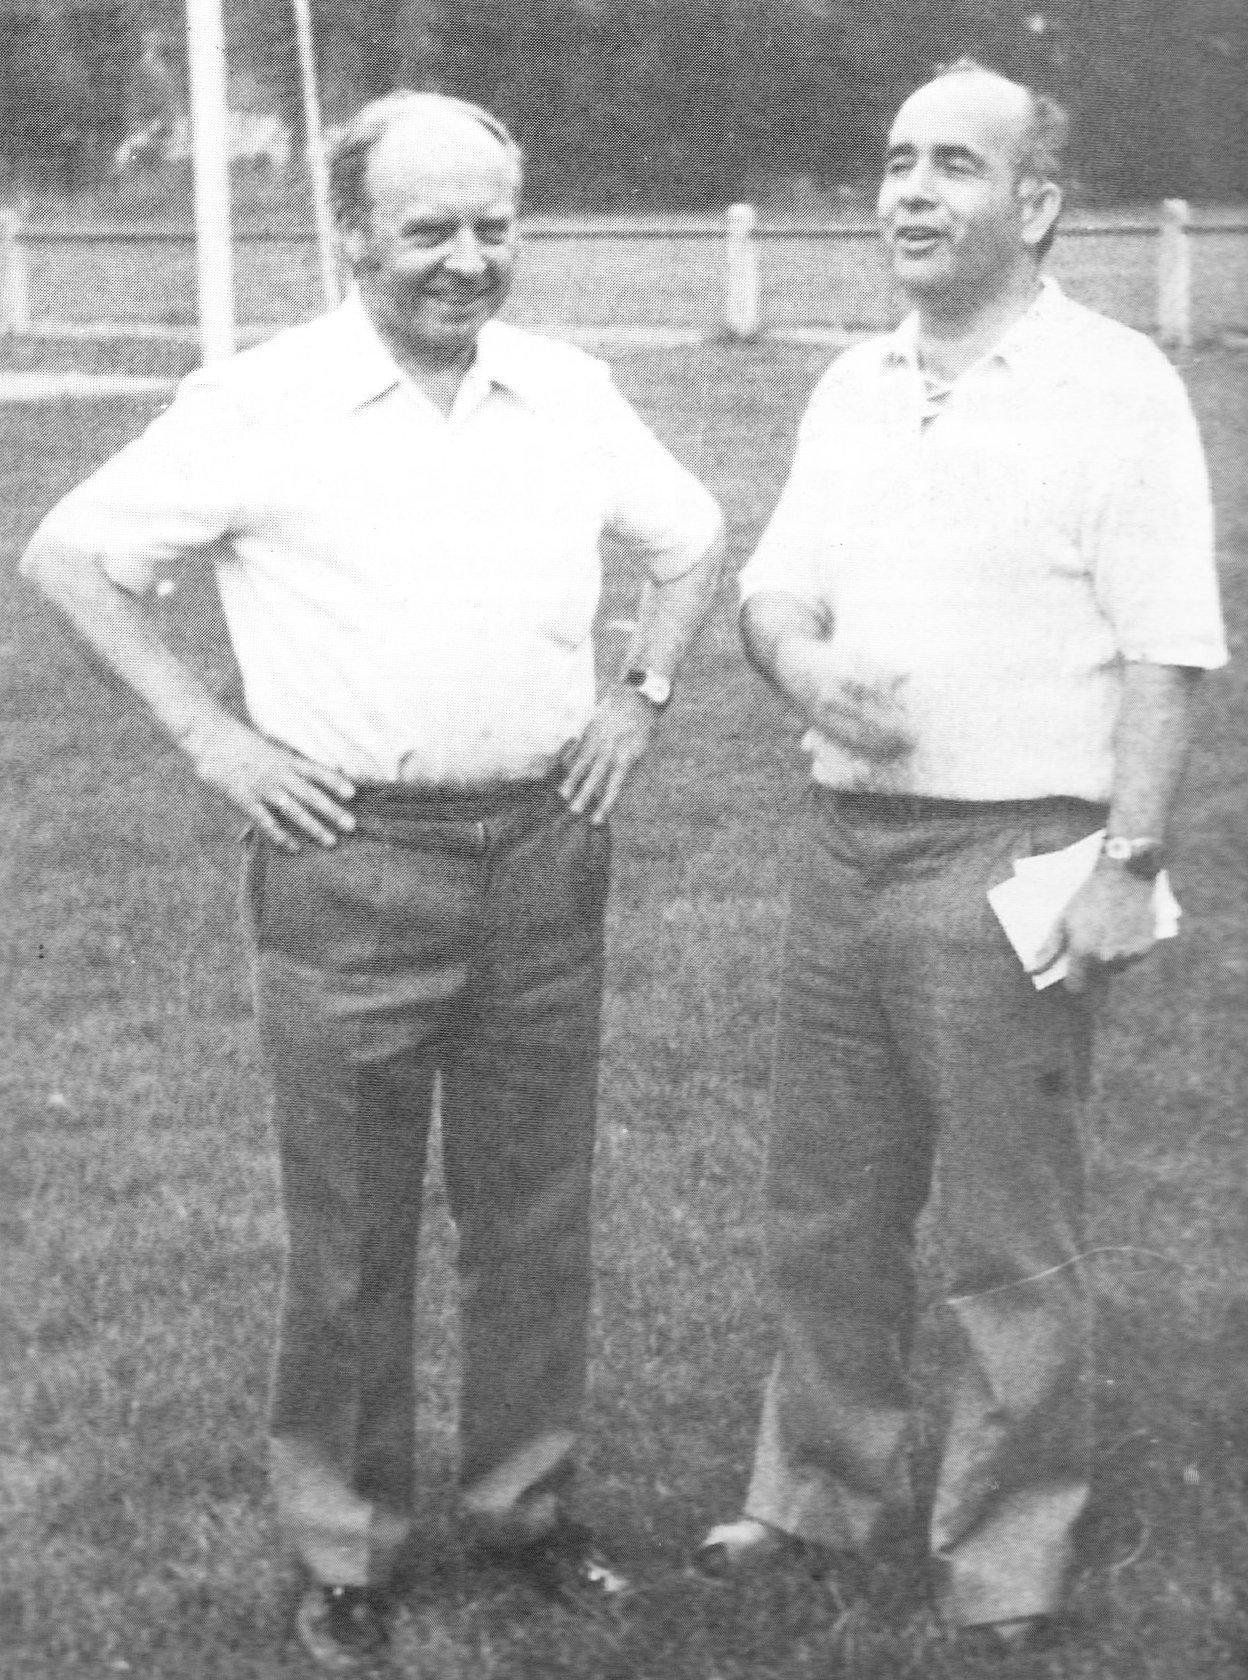 Väter der Fusion von Alemannia Heinsberg und Germania Lieck